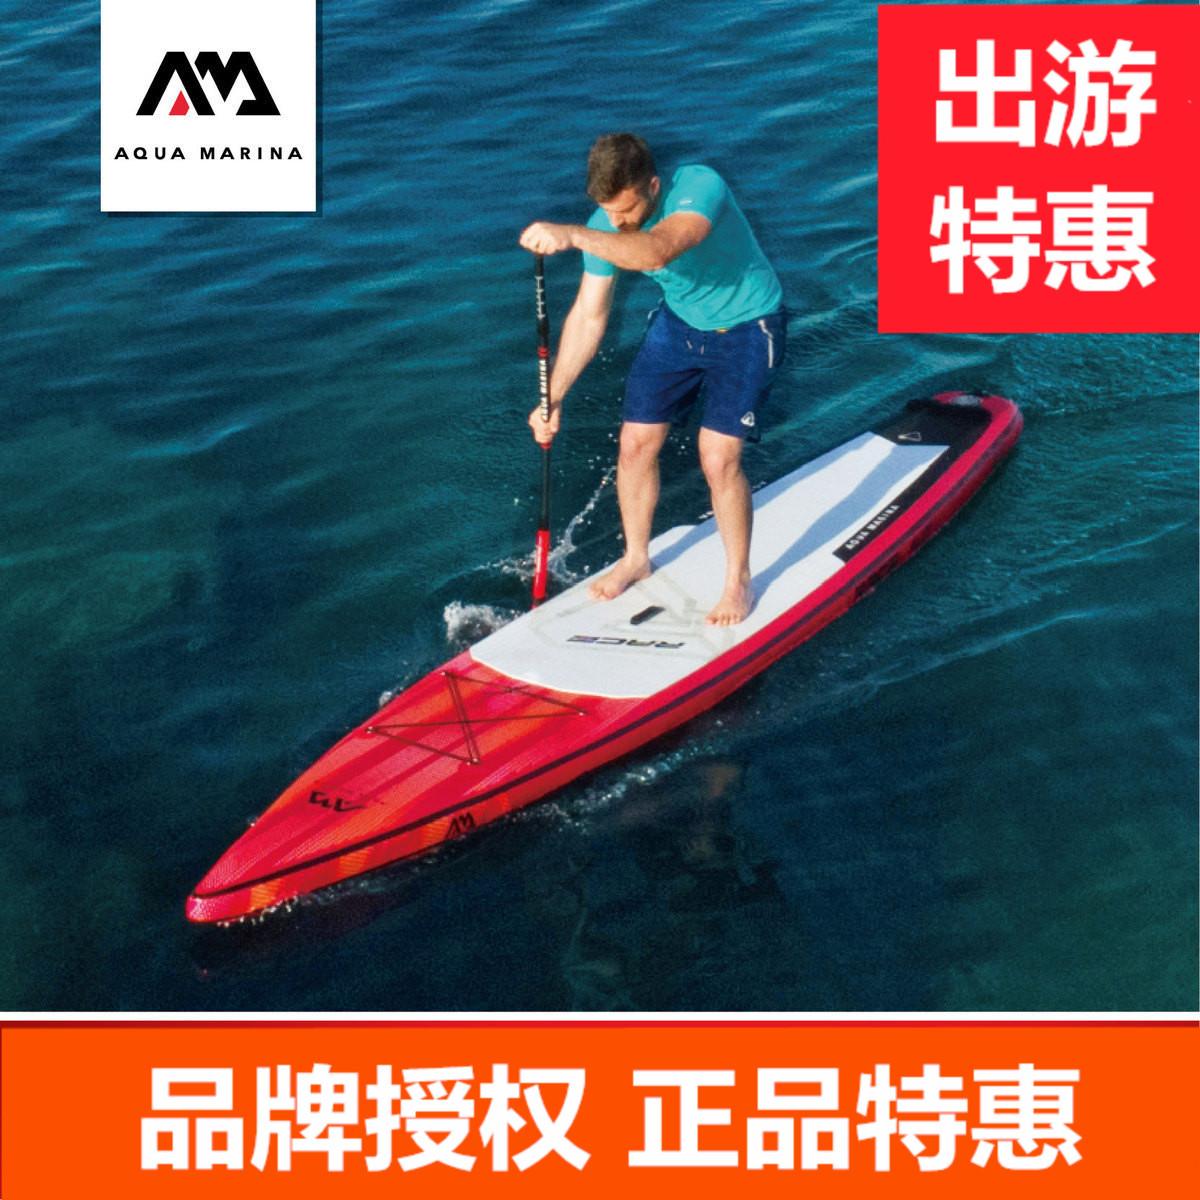 Доски для серфинга Артикул 586866669295